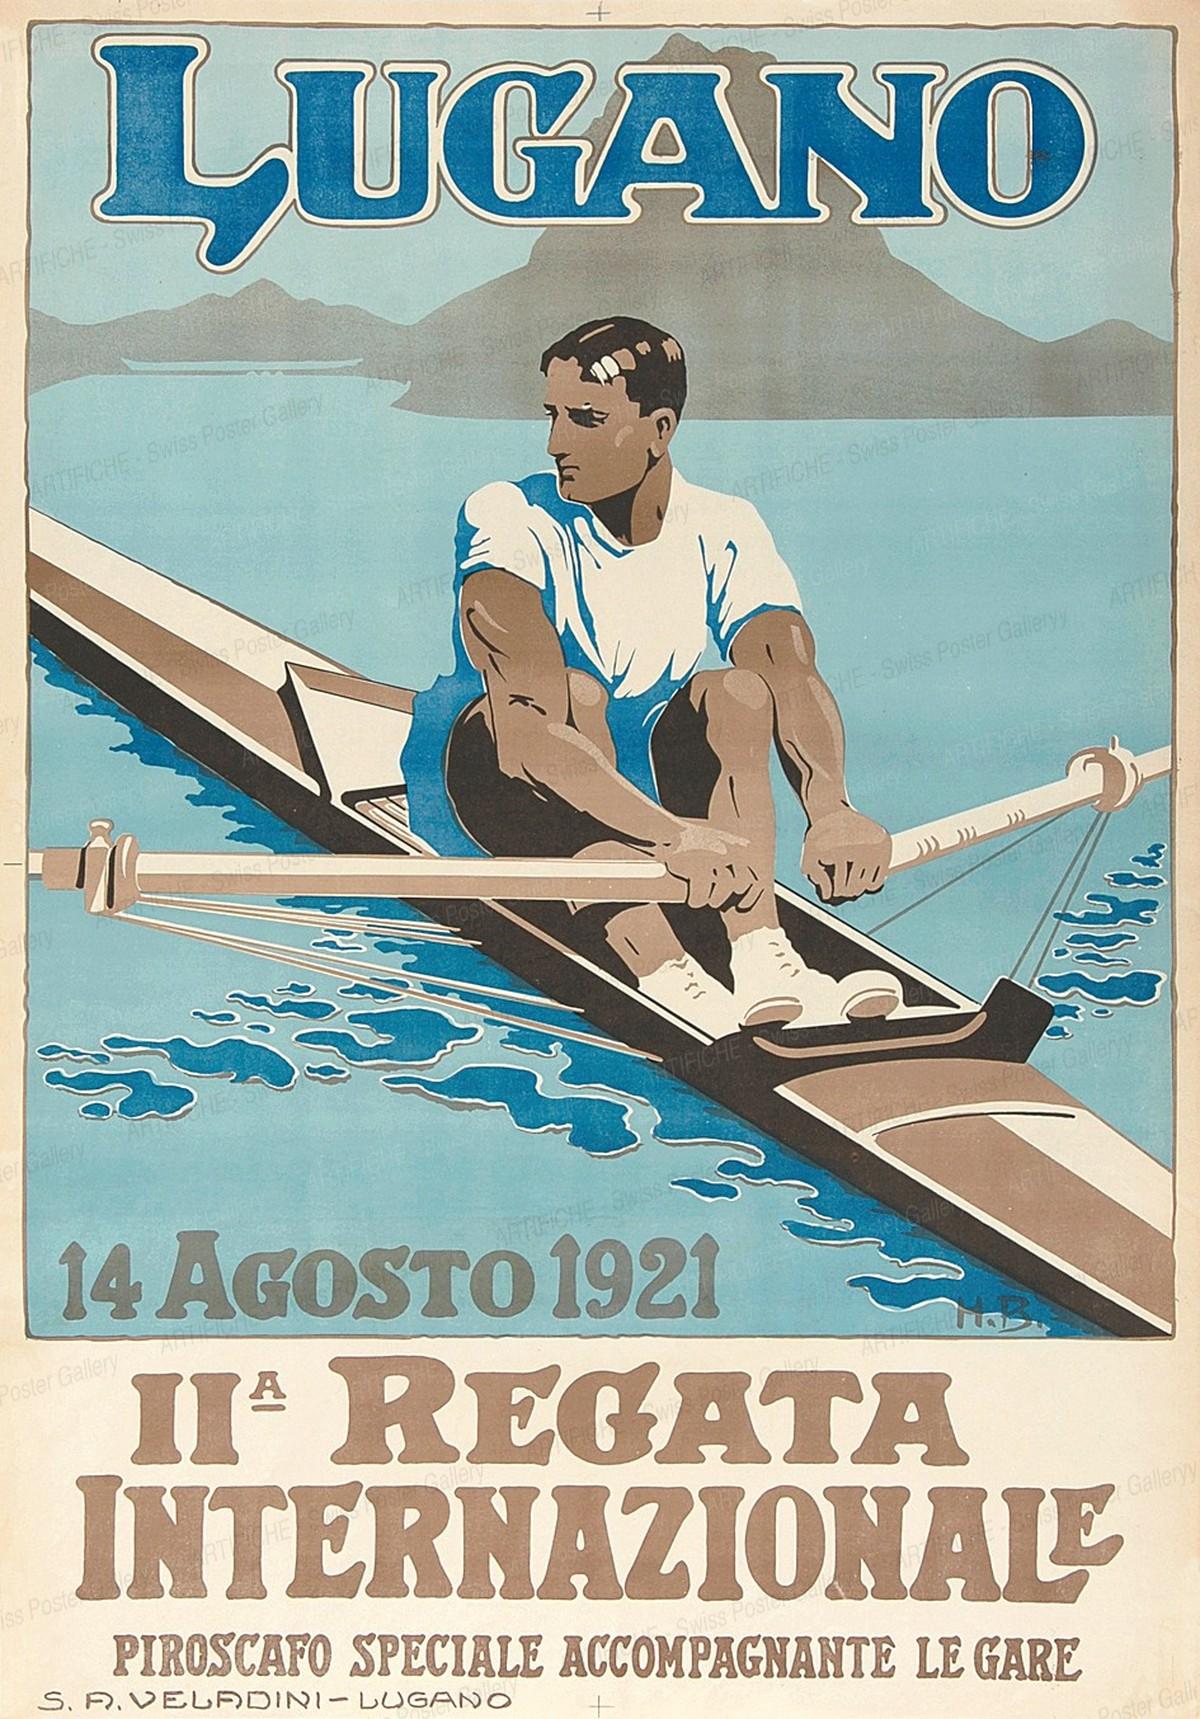 LUGANO – IIa Regata Internazionale – 14 Agosto 1921, Monogram H.B.